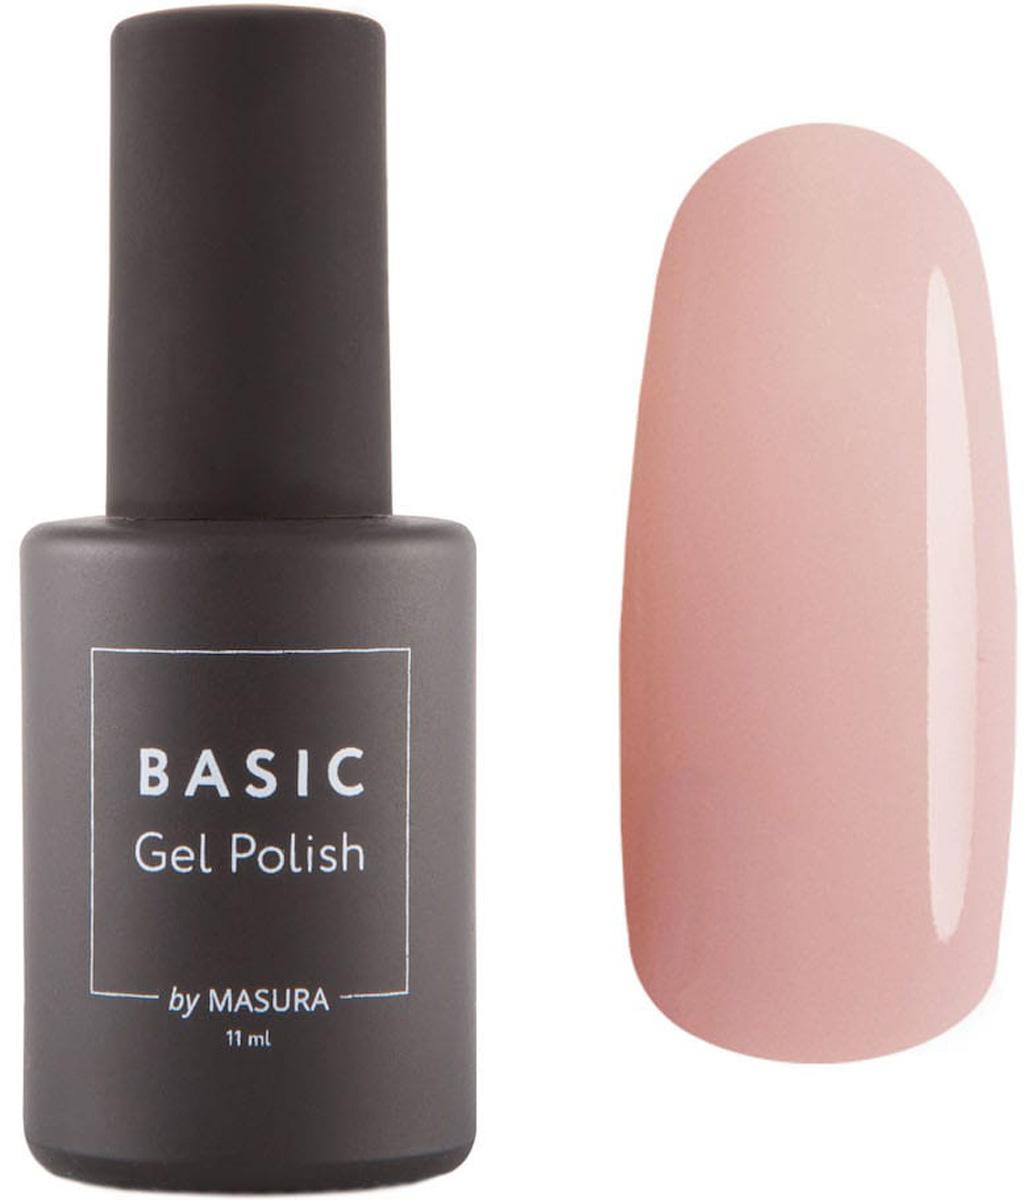 Masura Каучуковая База Basic, нюдовая, 11 мл298-30BASIC Nude Rubber Base / Каучуковая База нюдового цвета приближена по оттенку к натуральному ногтю, имеет плотную и густую текстуру. Выравнивает поверхность ногтя, делая цвет ногтя совершенным. Камуфлирует и идеально подходит для создания французского маникюра, может использоваться как самостоятельное покрытие, а также как база для цветного гель-лака.Как ухаживать за ногтями: советы эксперта. Статья OZON Гид